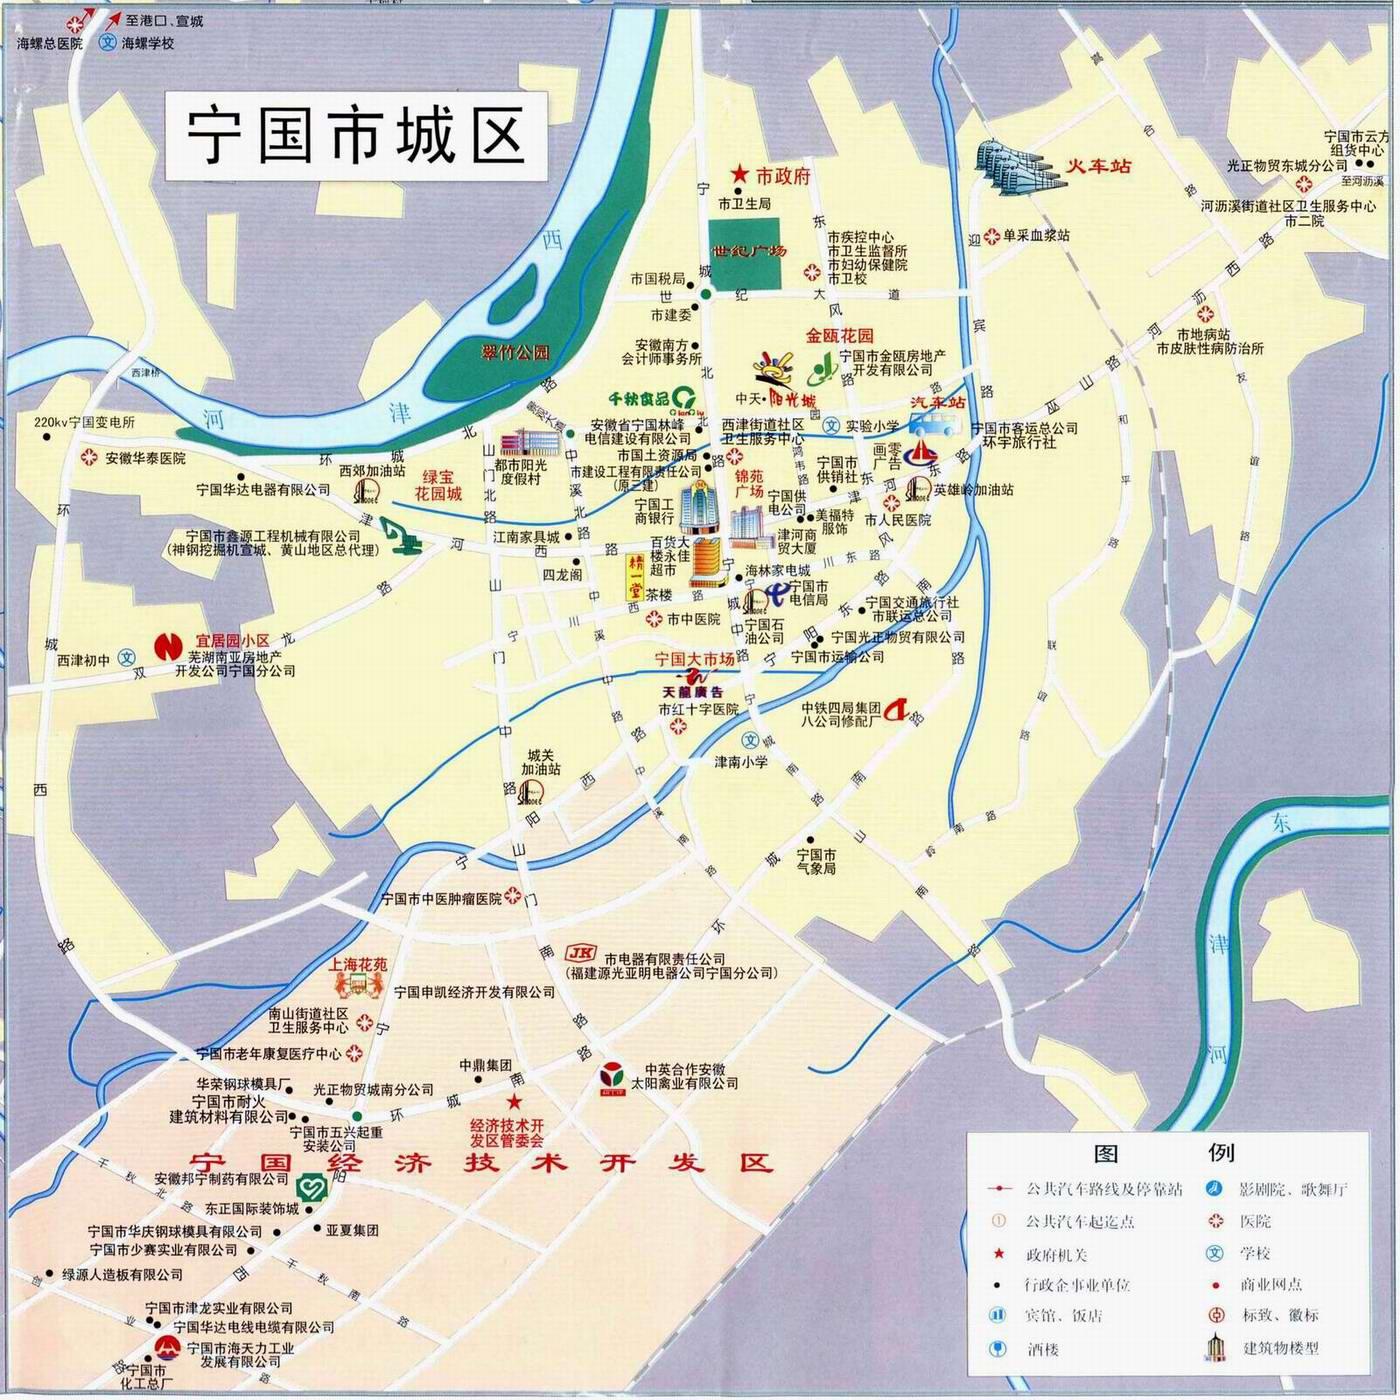 宁国市区地图_宣城地图库